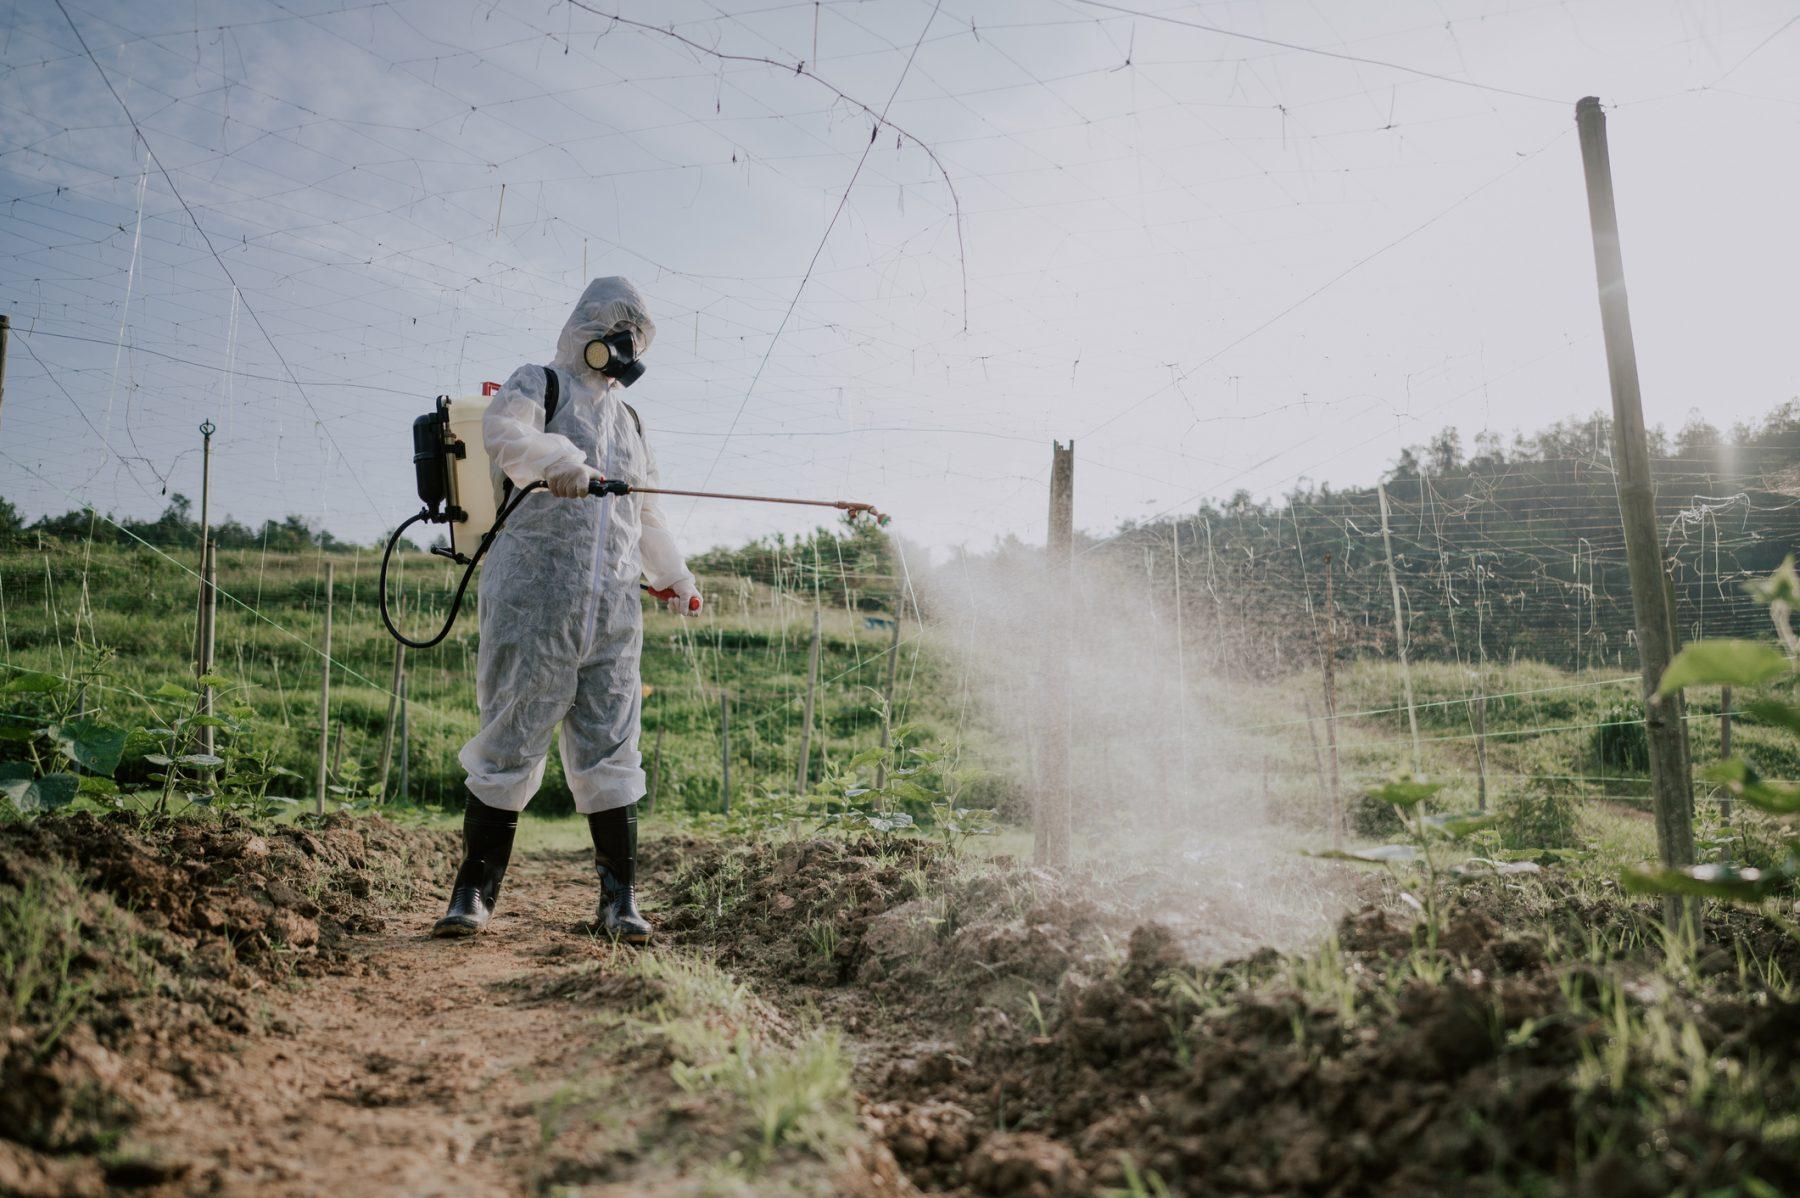 A field worker spraying paraquat.